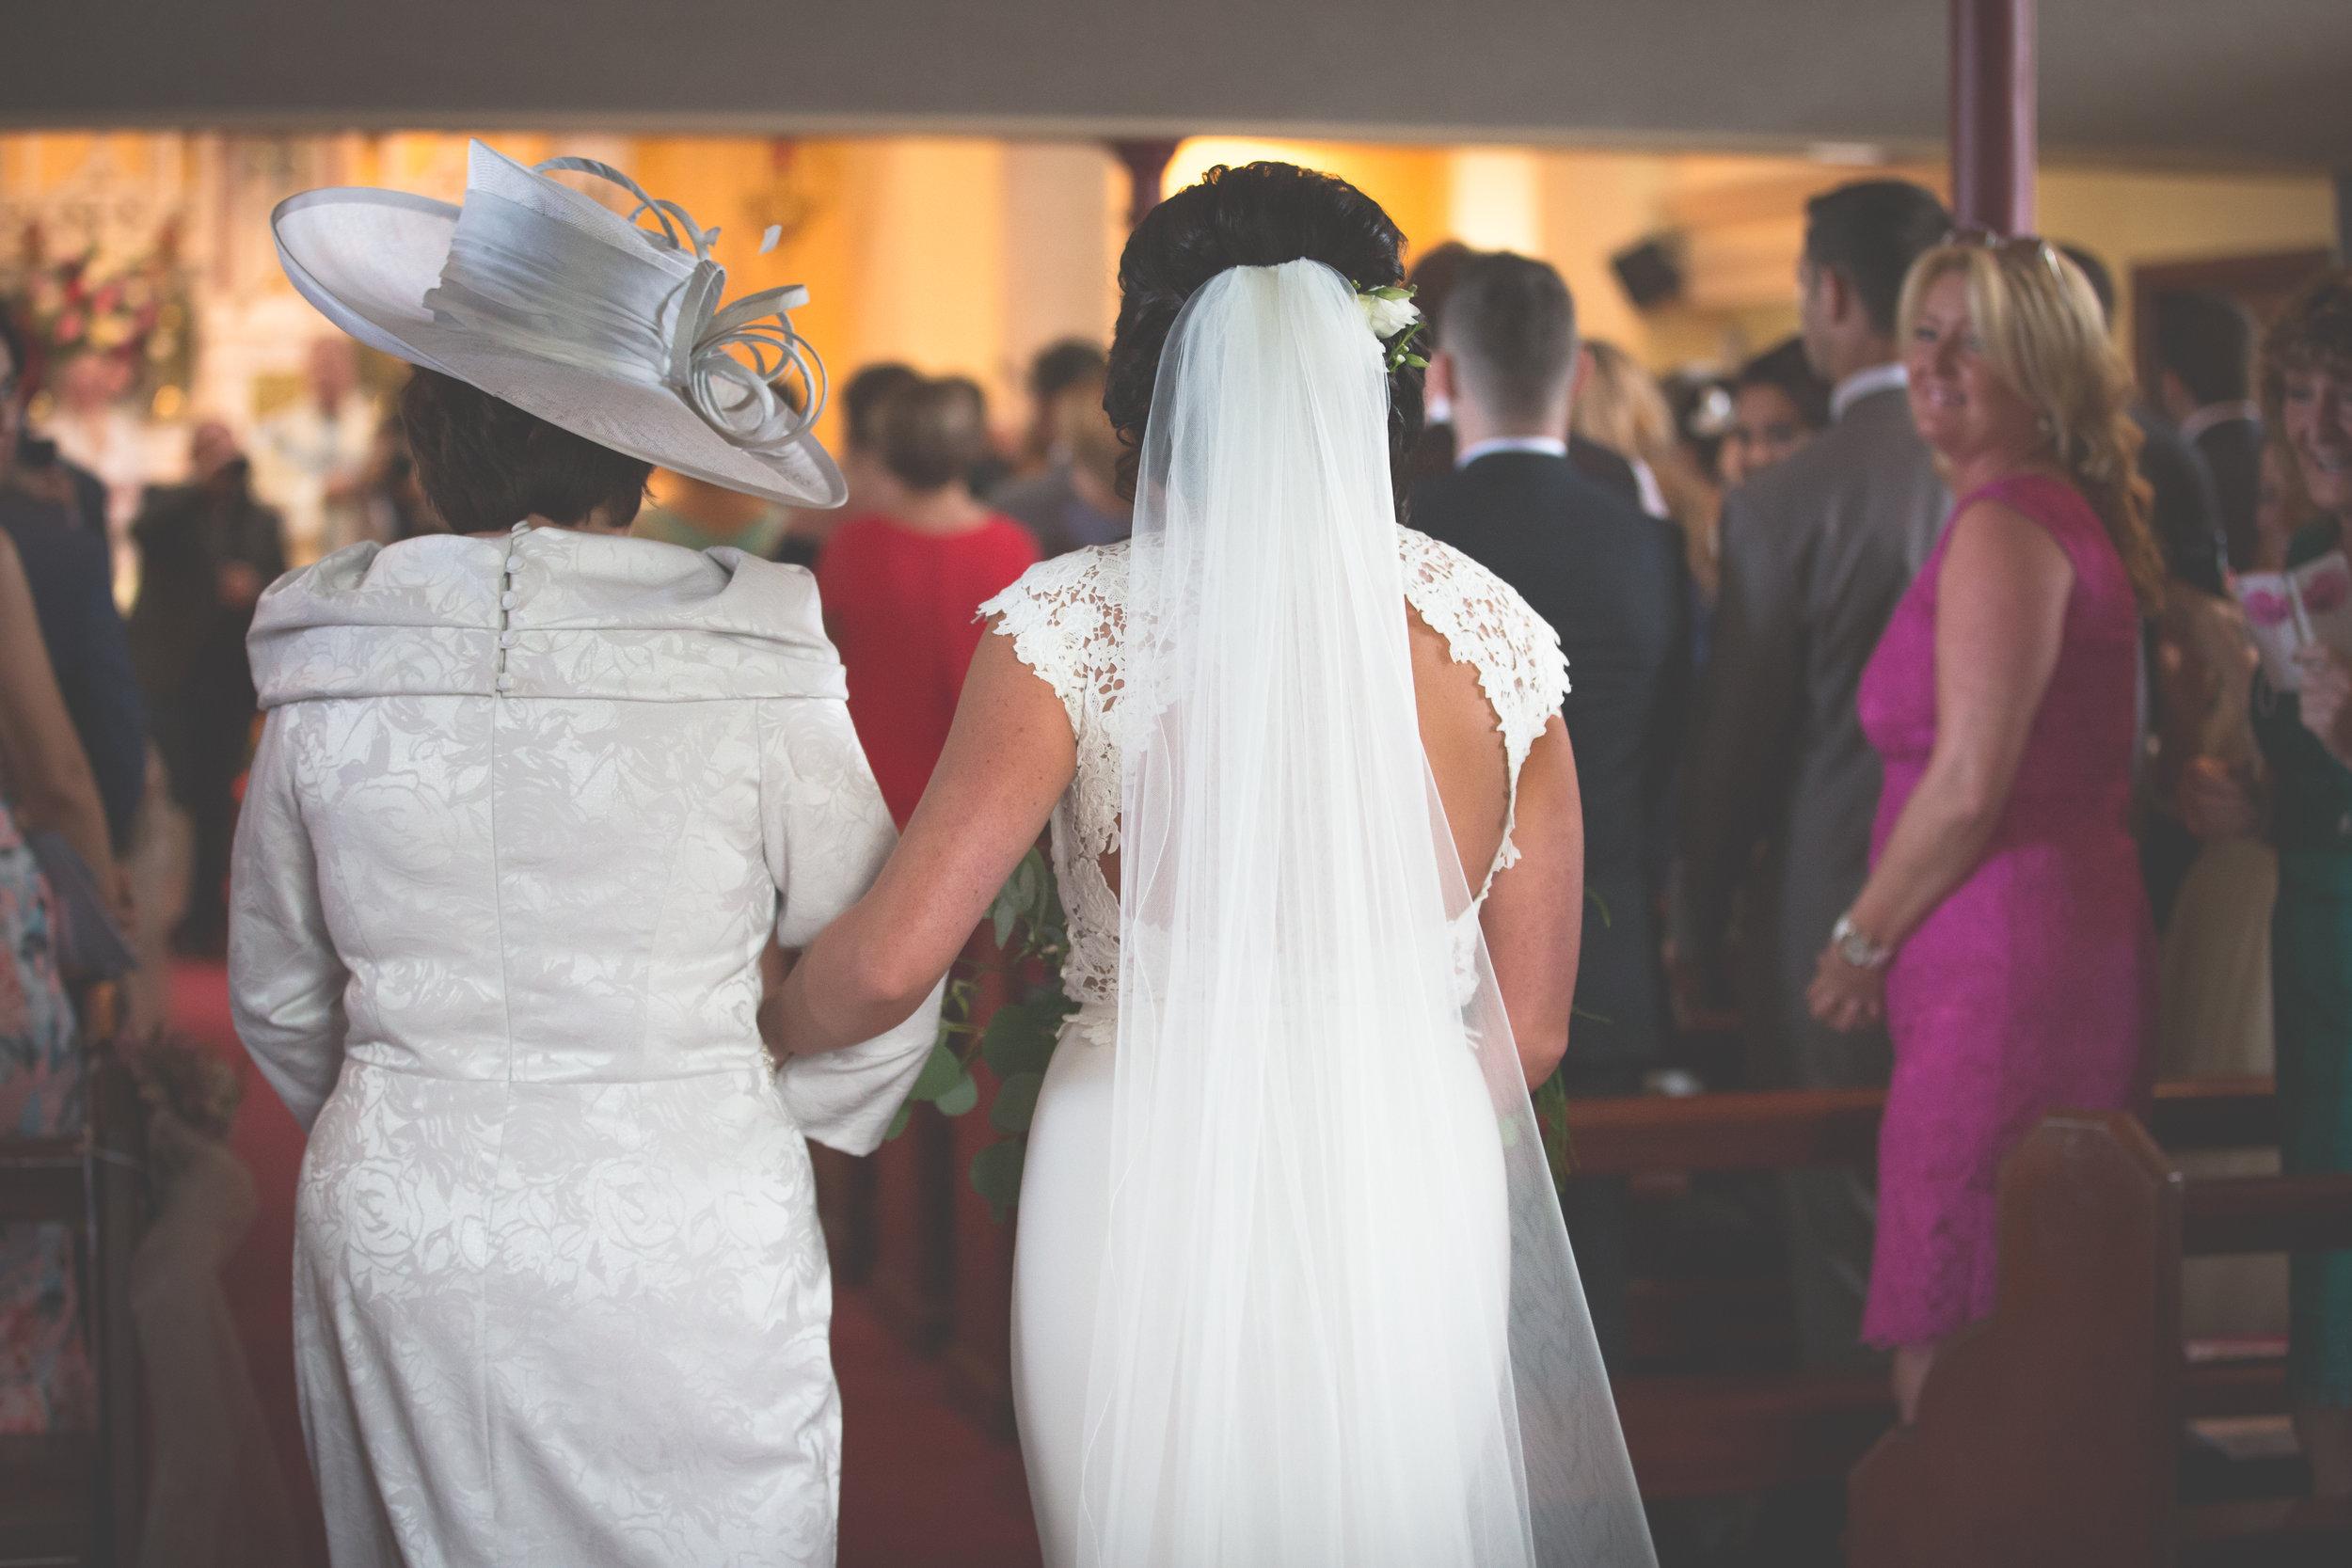 Brian McEwan Wedding Photography   Carol-Anne & Sean   The Ceremony-20.jpg